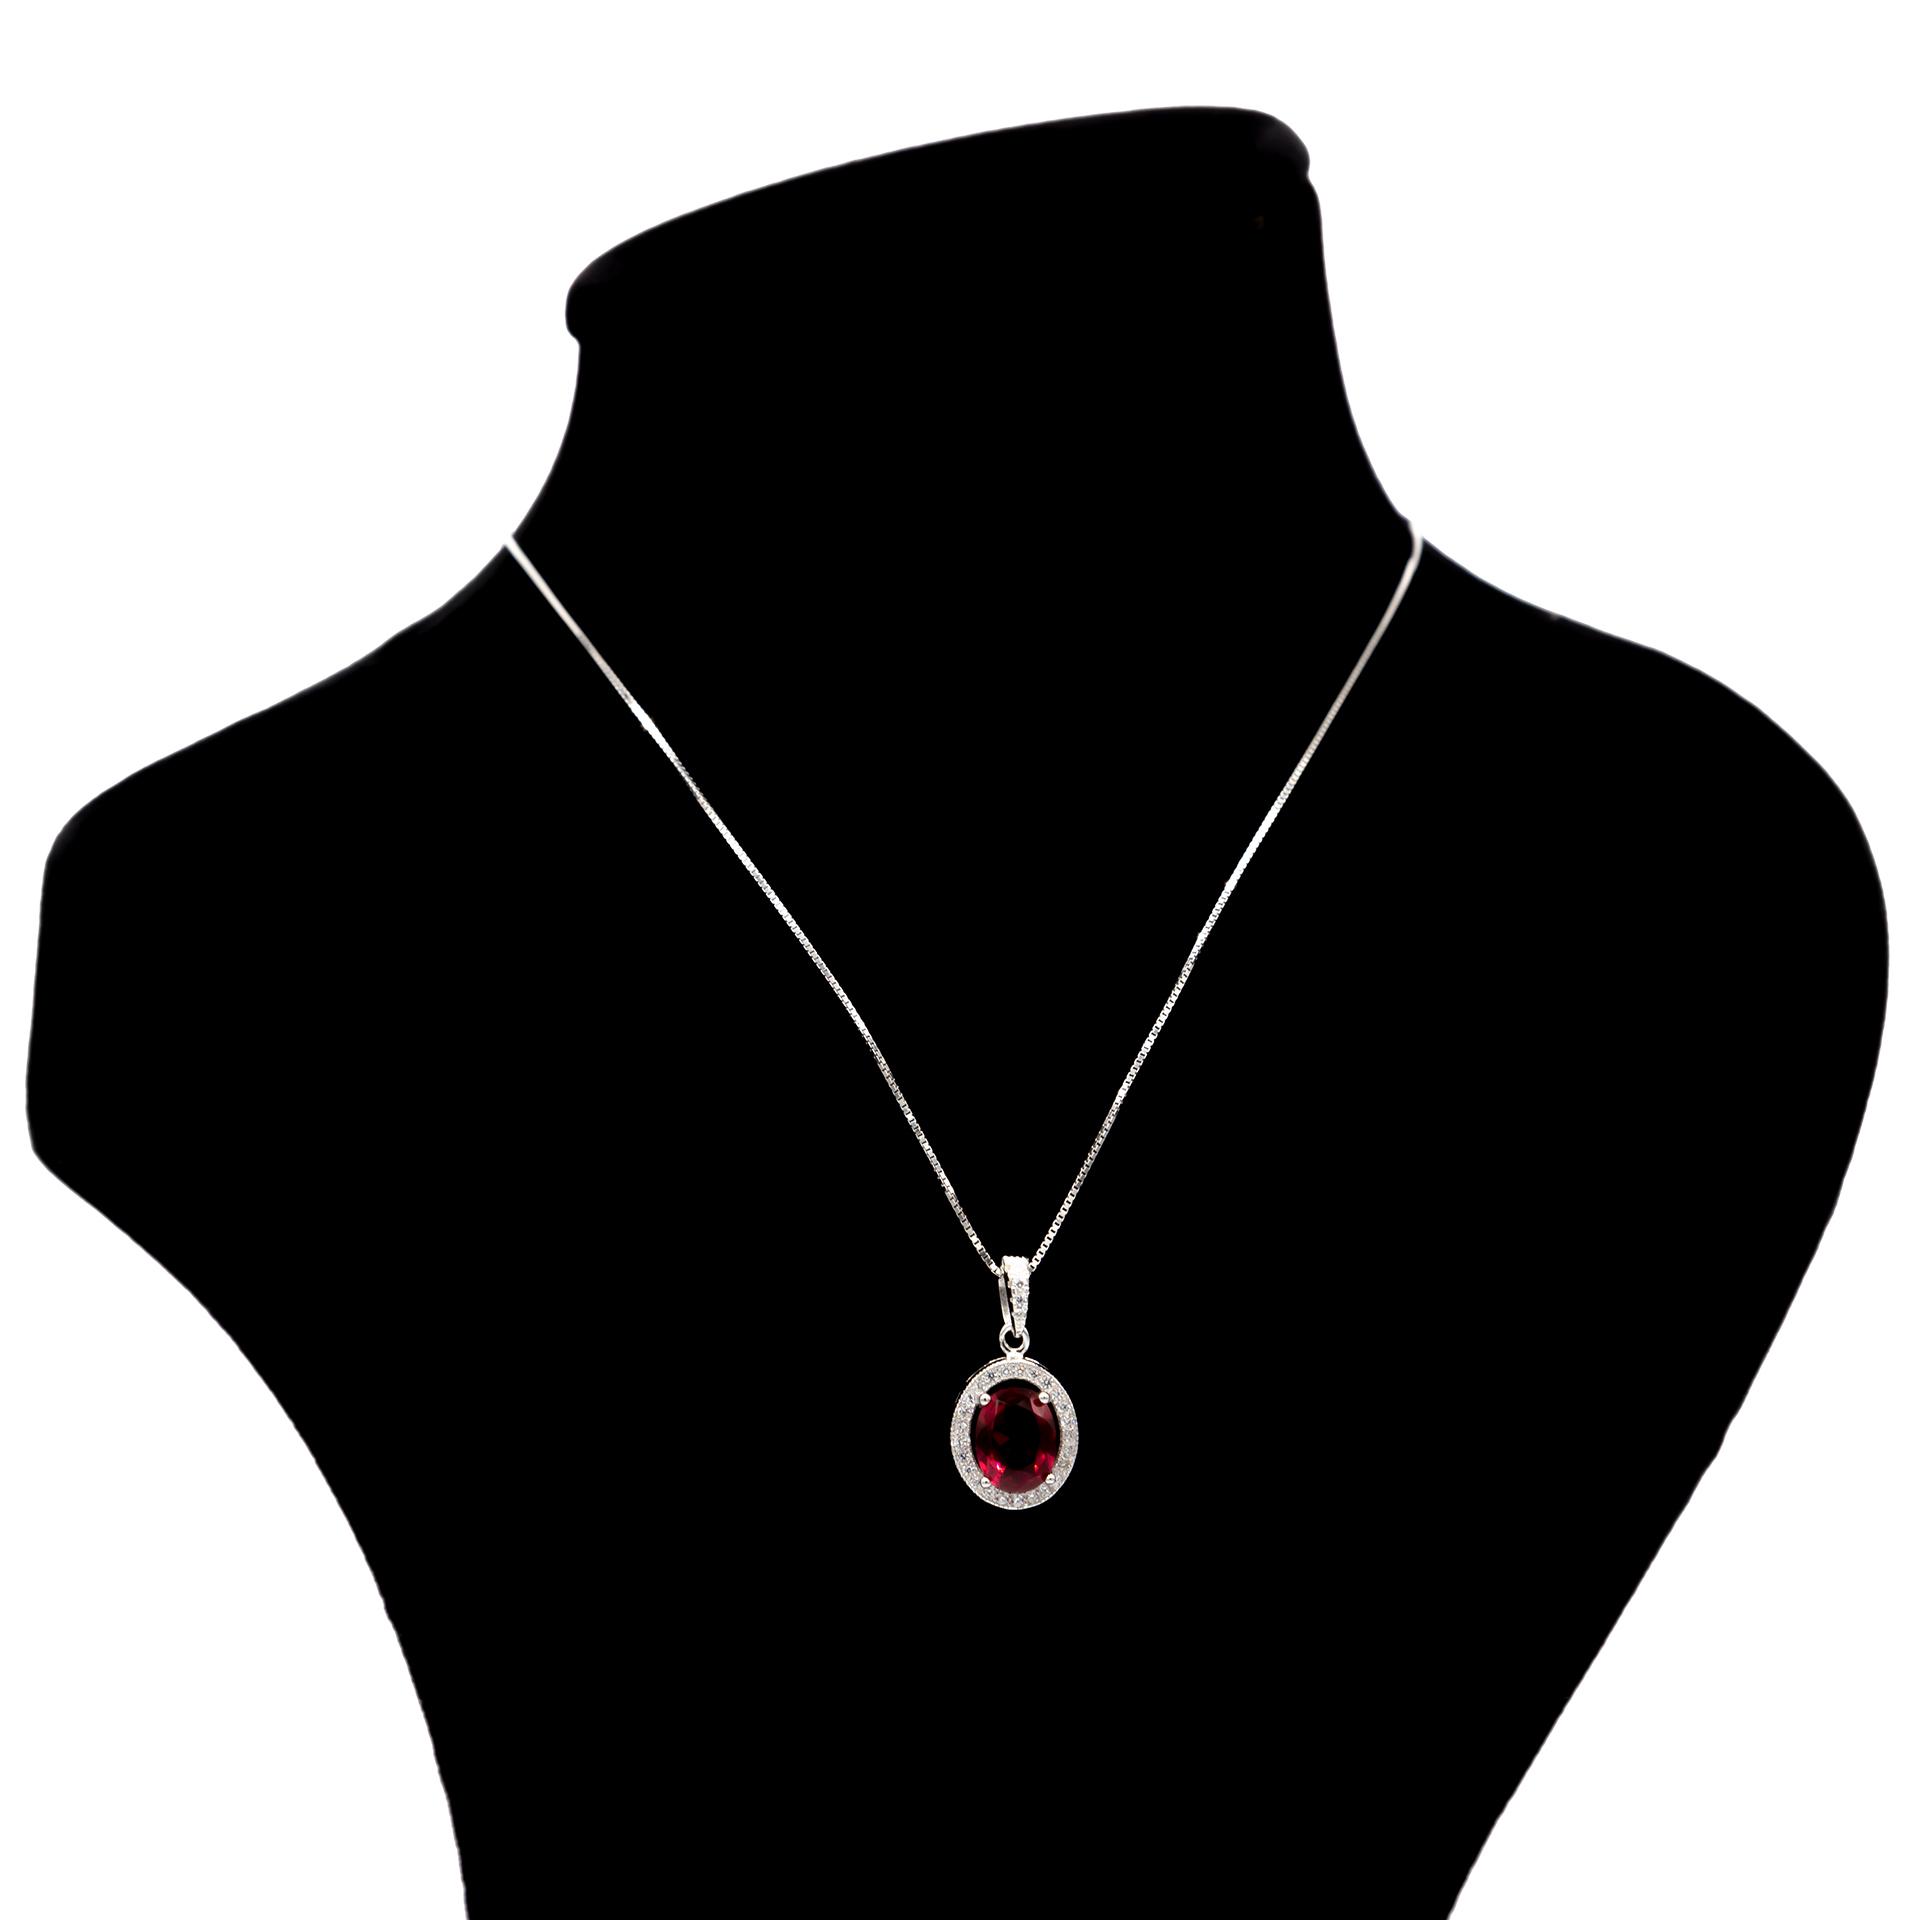 گردنبند نقره زنانه بهارگالری کد 405015